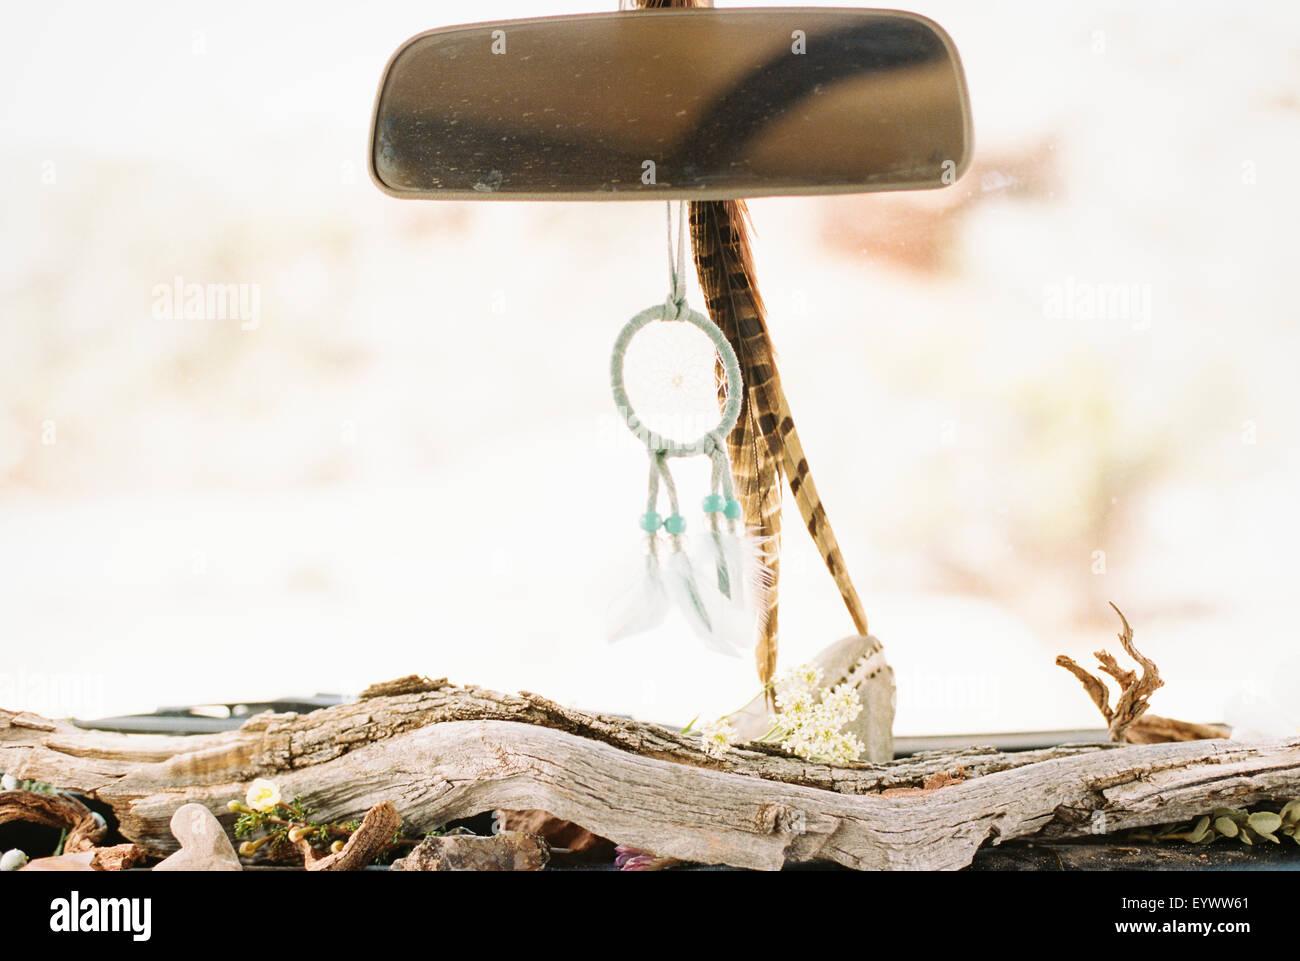 Cierre interior de un coche, Driftwood en el salpicadero, un Dream Catcher y plumas que cuelgan del retrovisor. Imagen De Stock